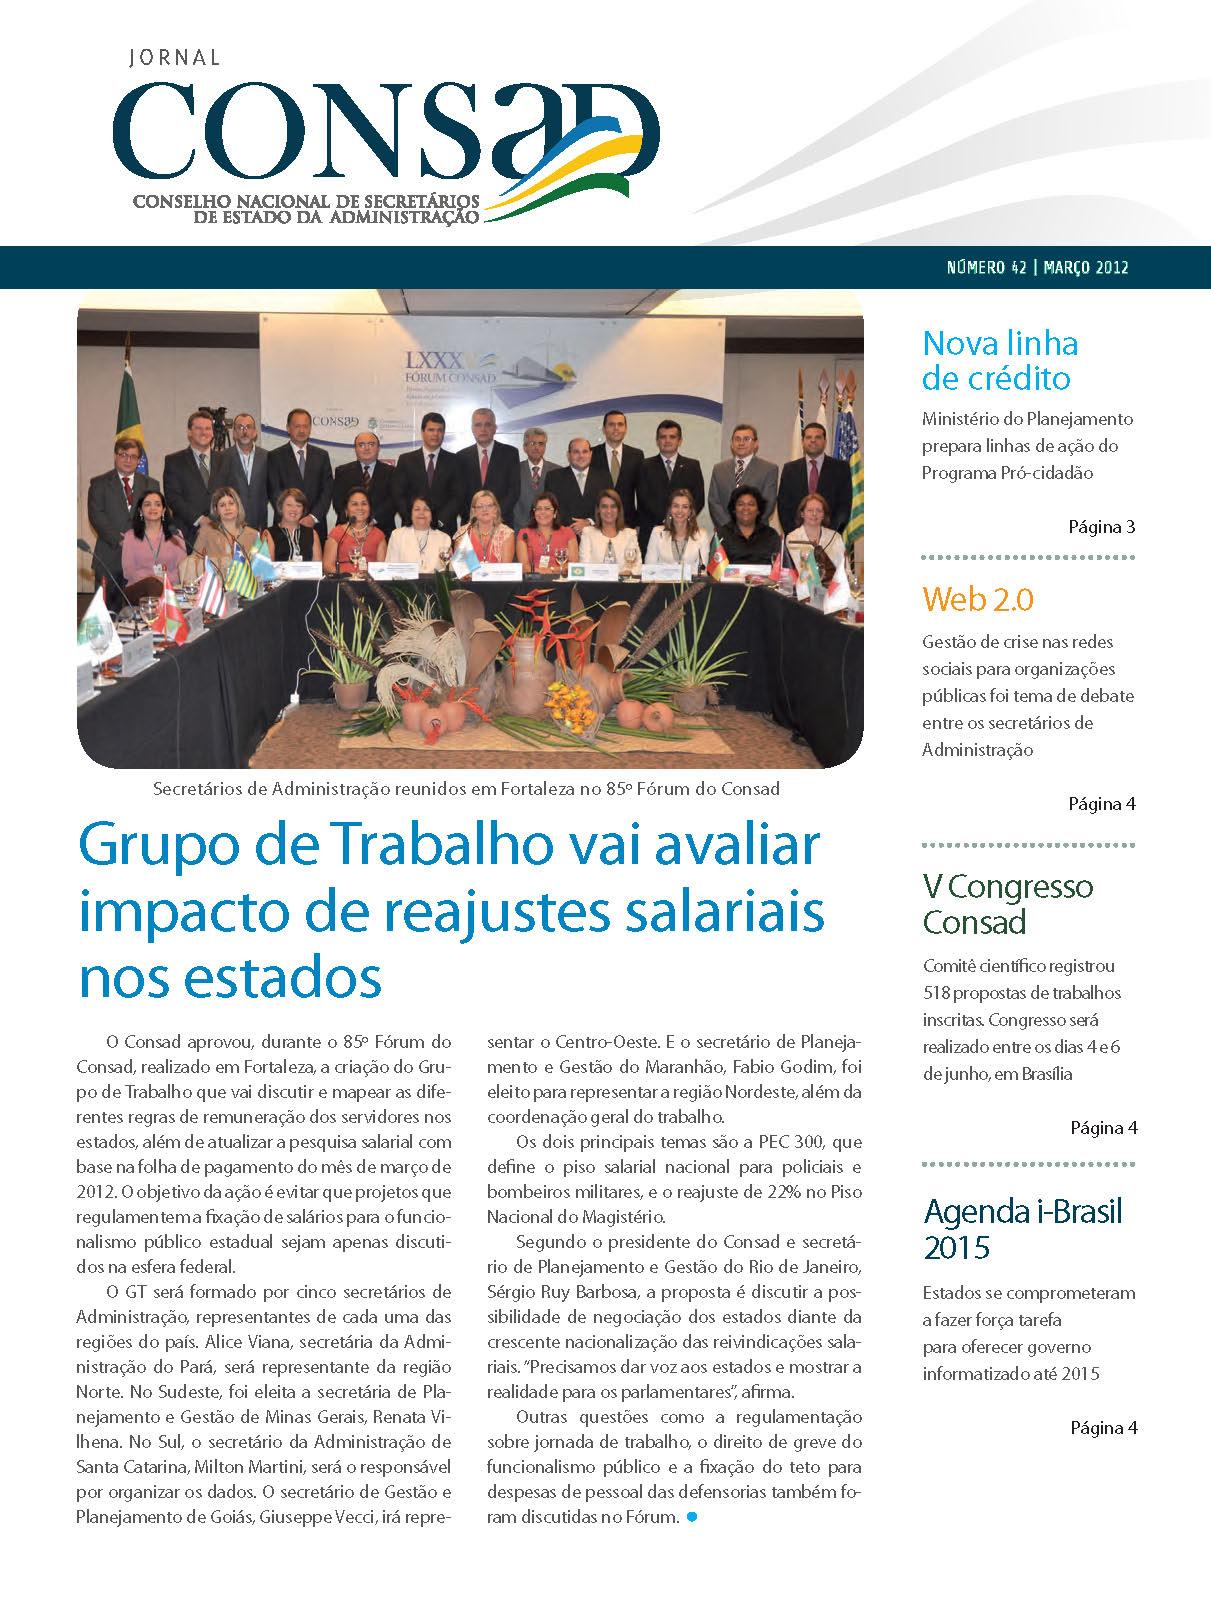 Jornal do Consad Número 42 – Março de 2012